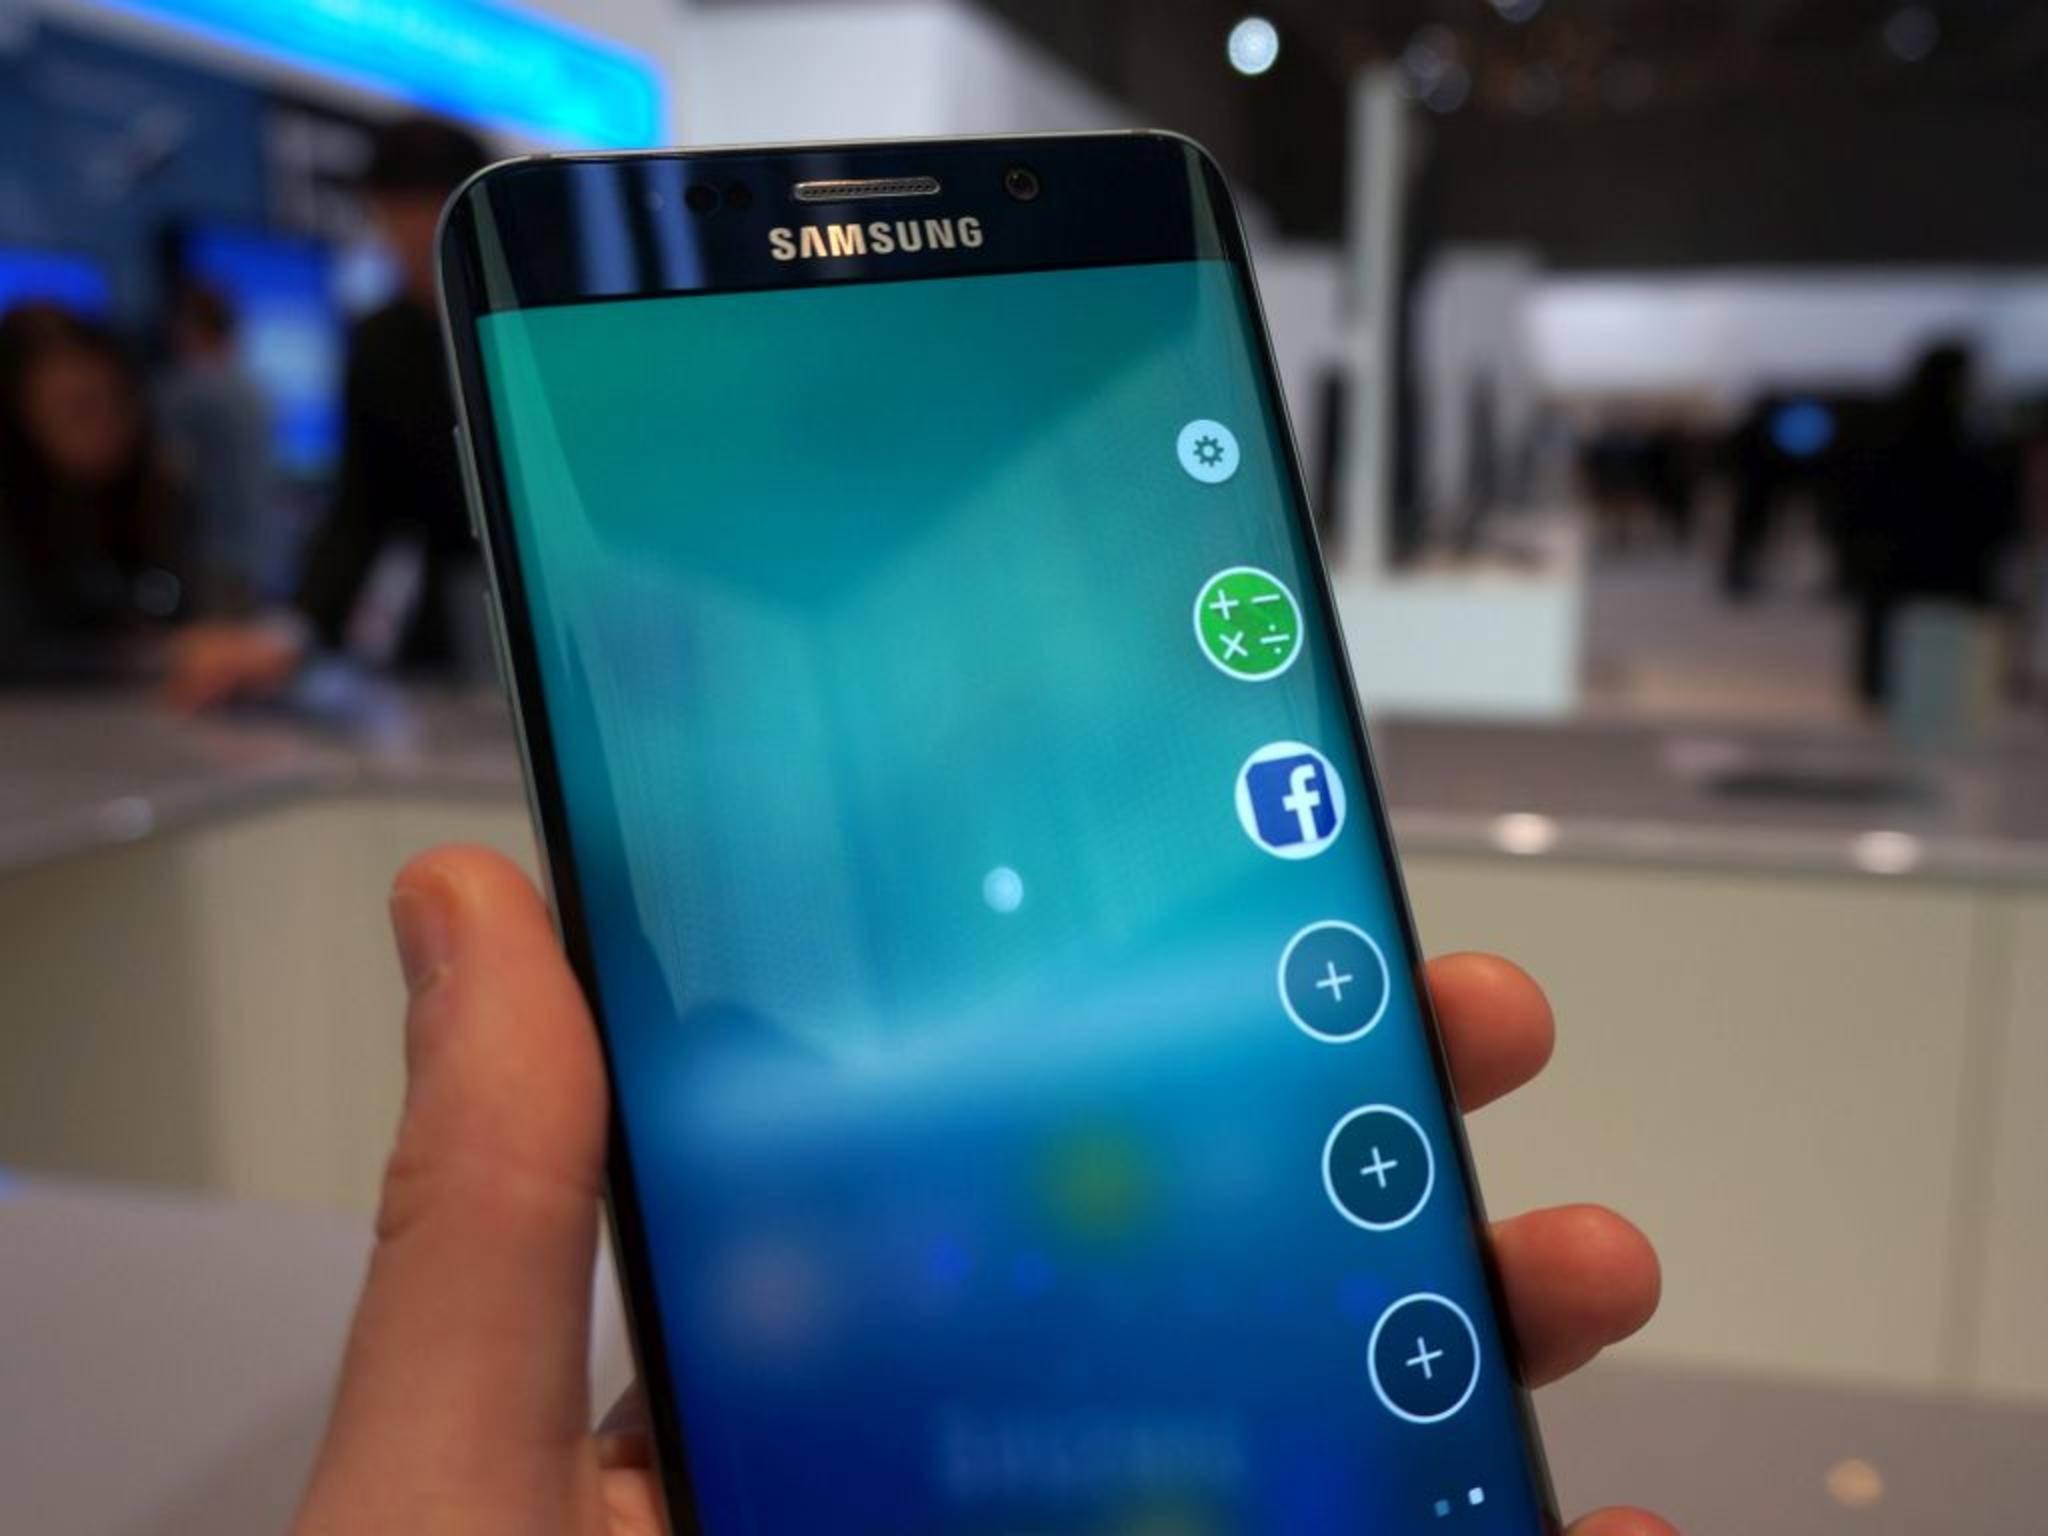 Das Galaxy S7 soll zusätzliche Features für sein Edge-Display bekommen.